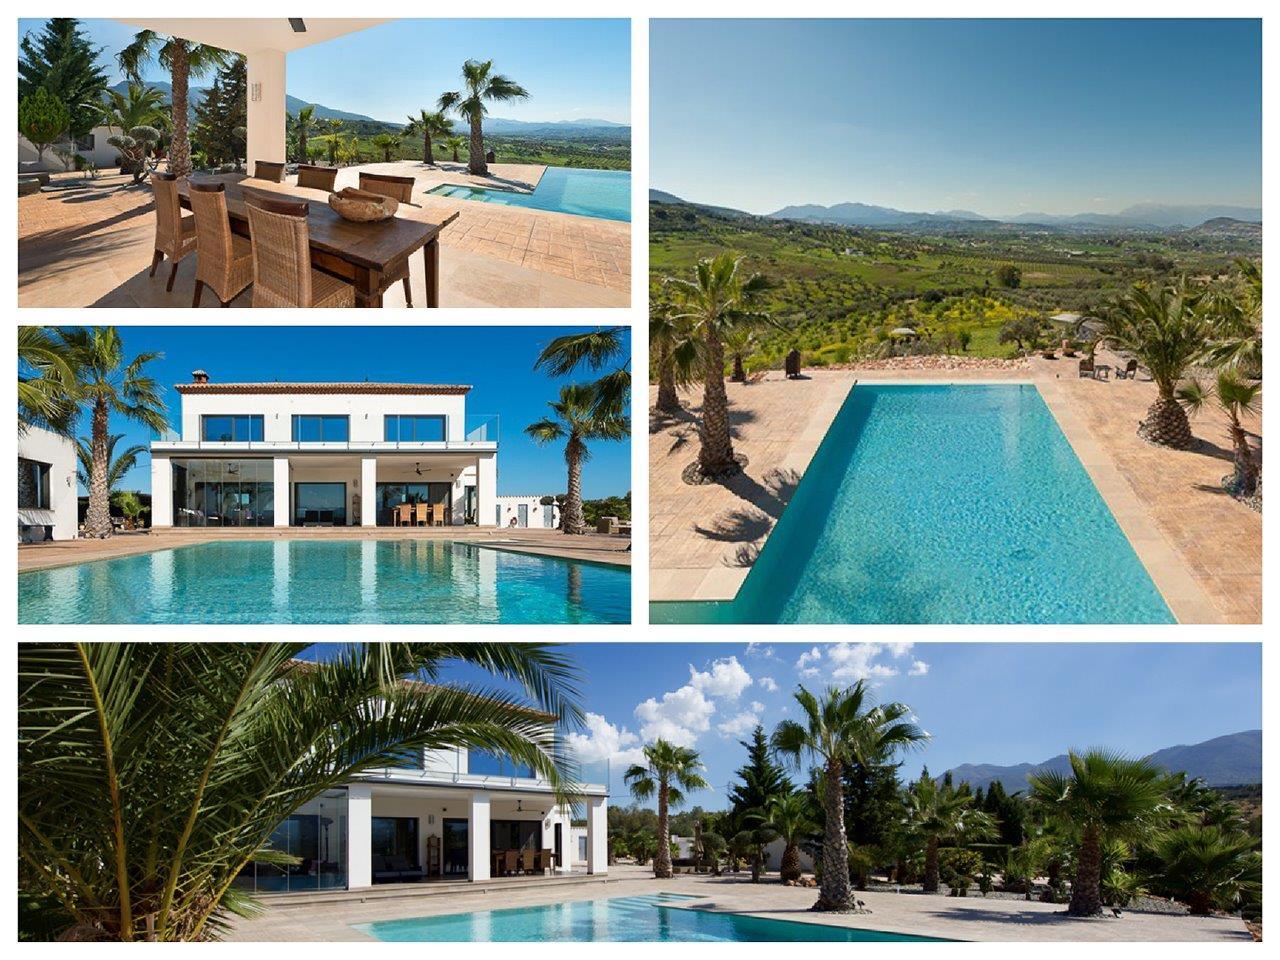 Moderne villa in Alhaurin el Grande te koop